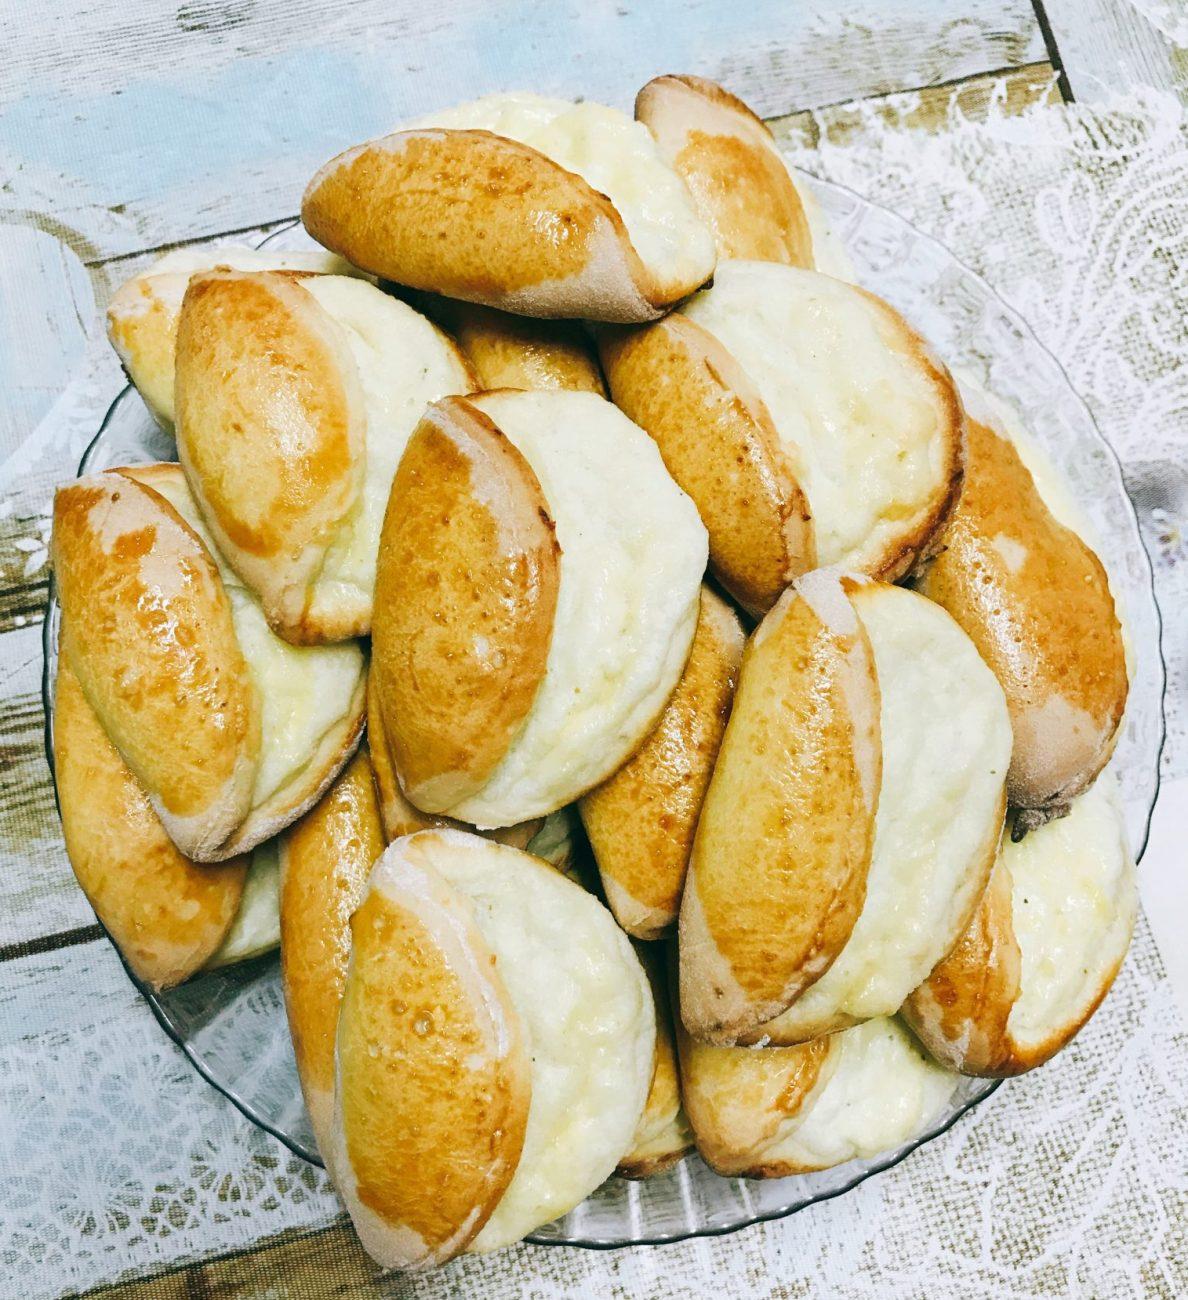 Торт шварцвальдский рецепт с фото пошагово может быть